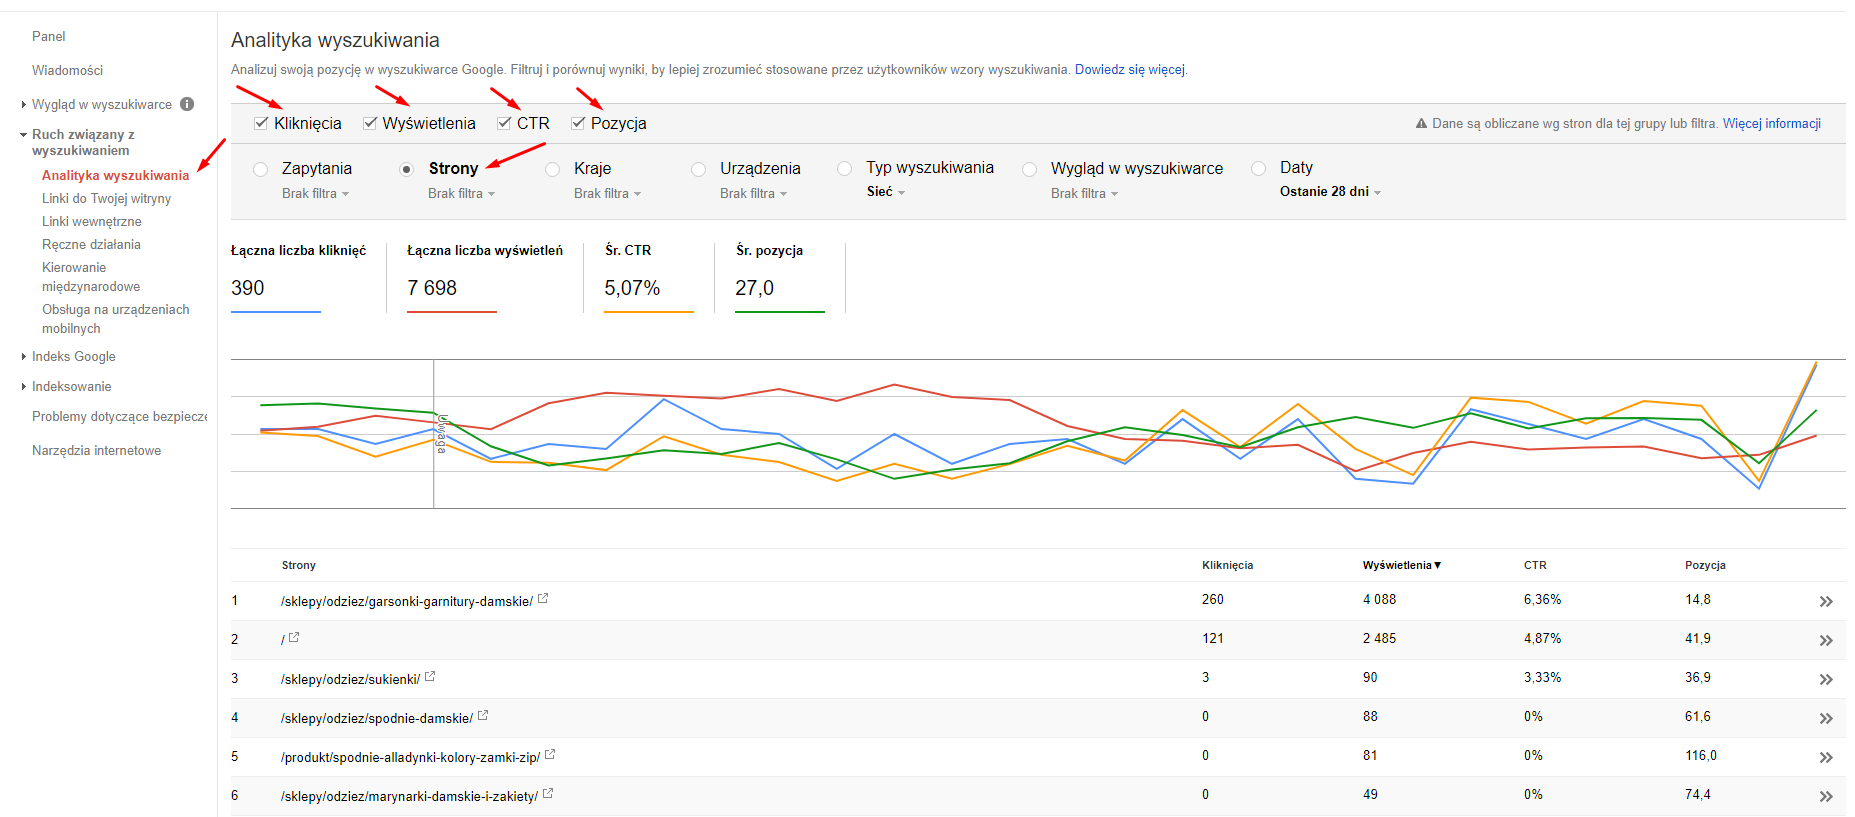 Możliwości Search Console w E-commerce rys. 1